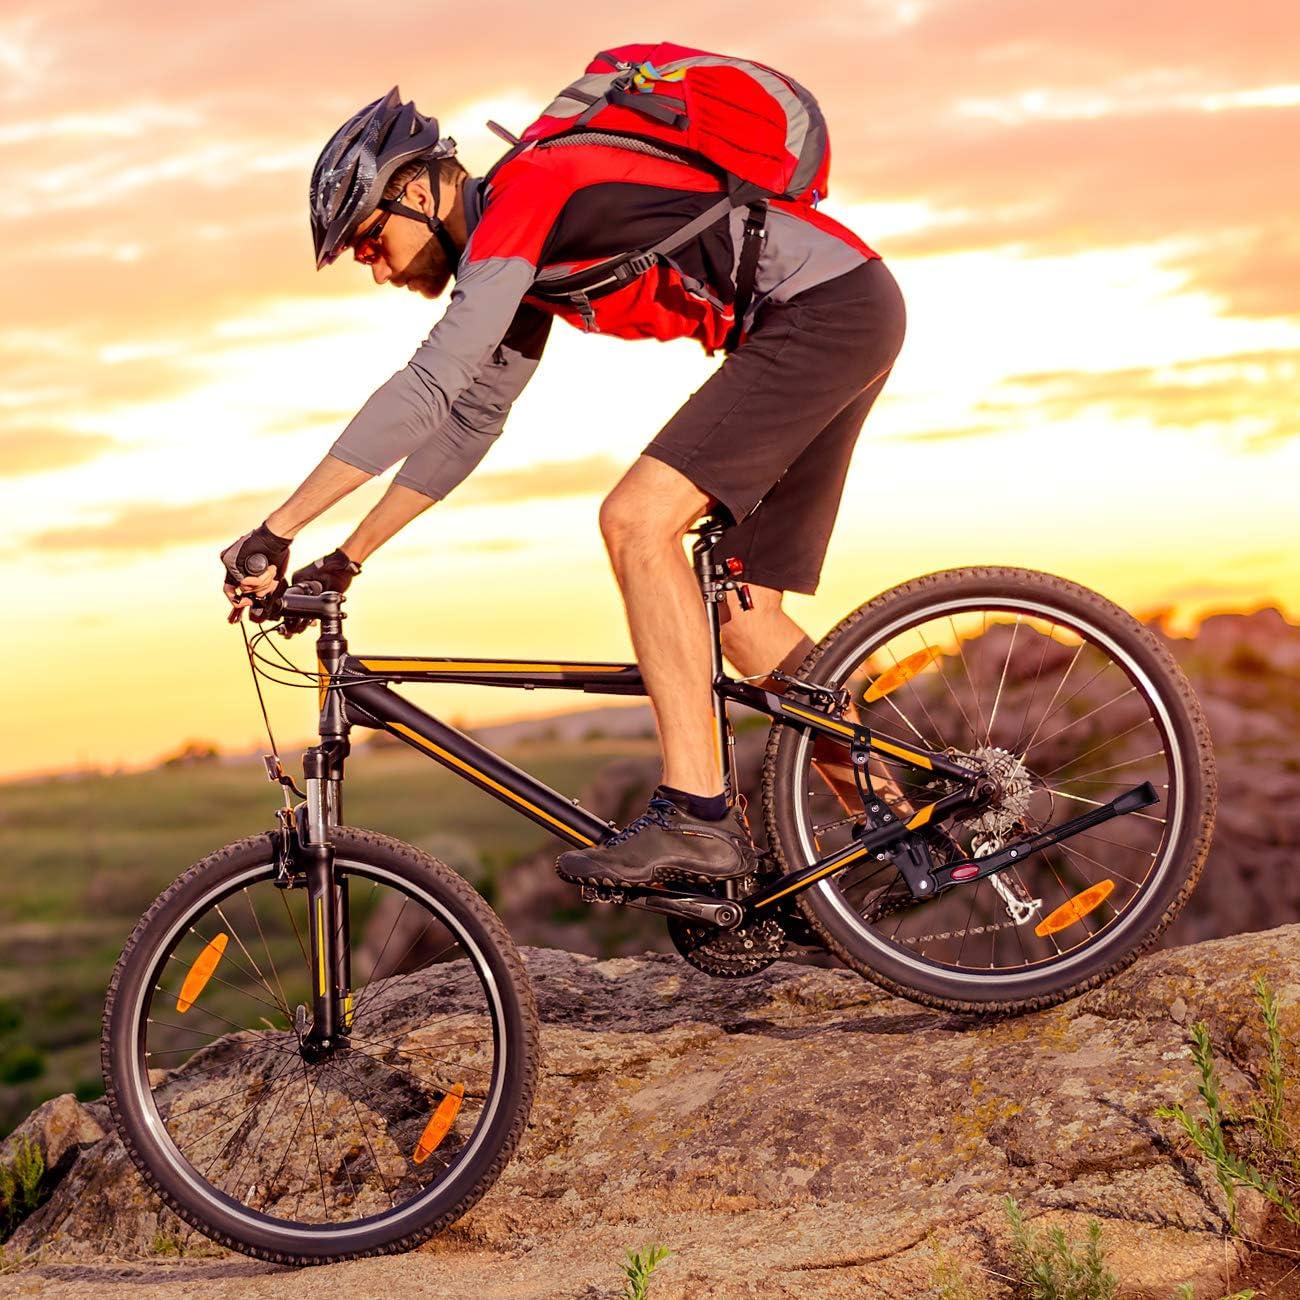 Favoto Universal Fahrrad St/änder Einstellbarer Fahrradst/änder Hinterbaust/änder Aluminiumlegierung Rutschfester Seitenst/änder f/ür 26 28 Zoll Mountainbike Rennrad MTB Zubeh/öre